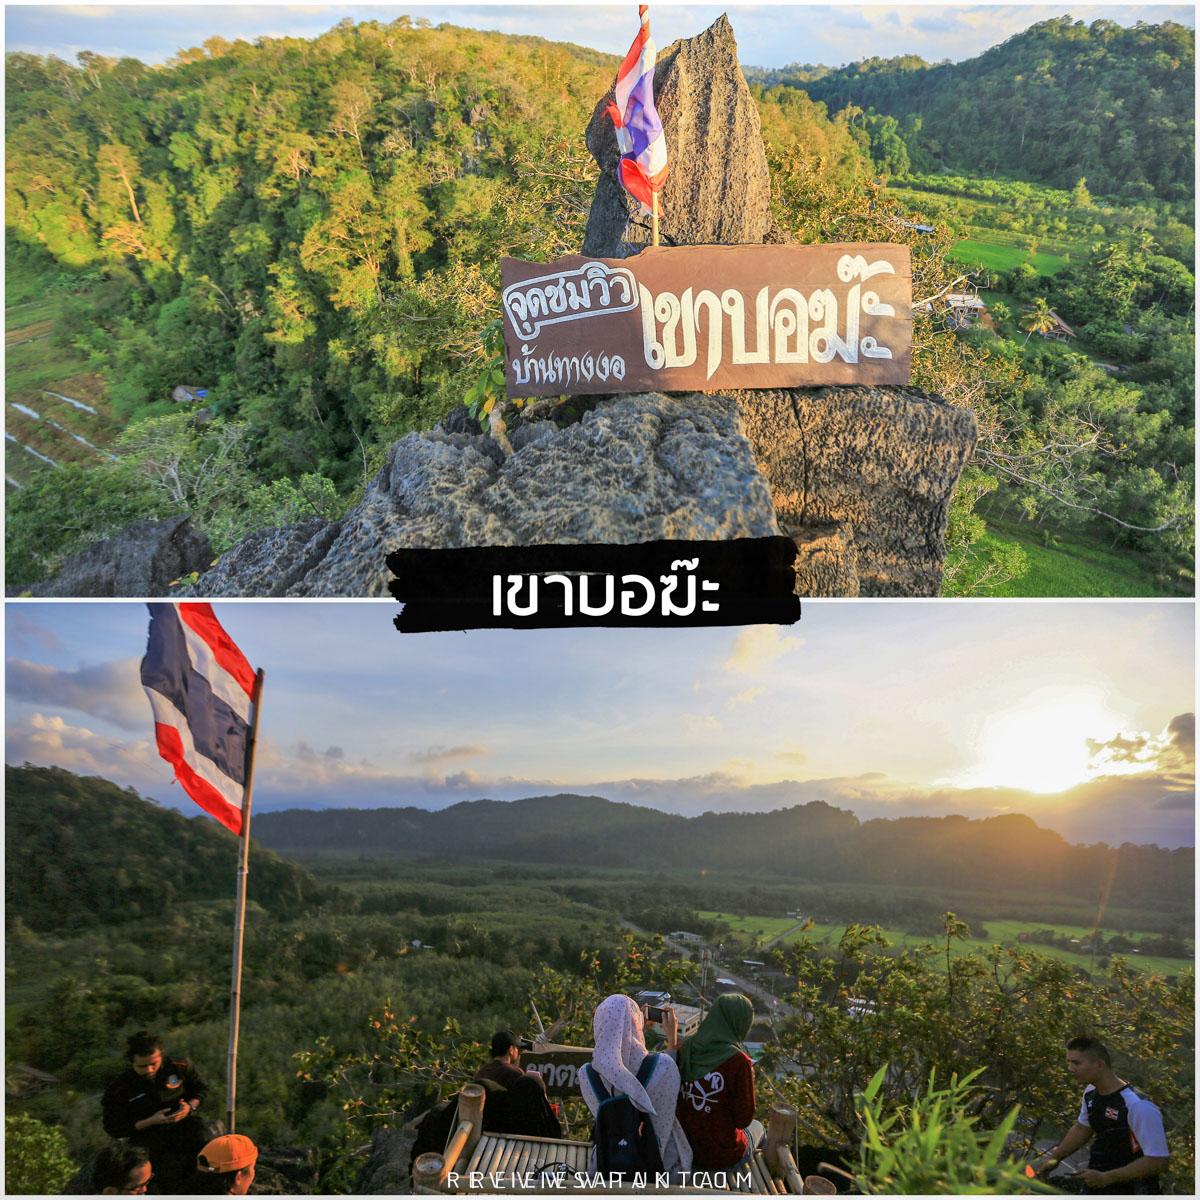 เขาบอฆ๊ะ-ชมทะเลหมอกในแสงแรงของวันและกิจกรรมปีนผาภูเขาหินปูนที่เกิดขึ้นตามธรรมชาติ รายละเอียด-คลิก  จุดเช็คอิน,หลีเป๊ะ,สตูลสดยกกำลังสาม,satunwonderland,เที่ยวเมืองไทยAmazingกว่าเดิม,ชีพจรลงSouth